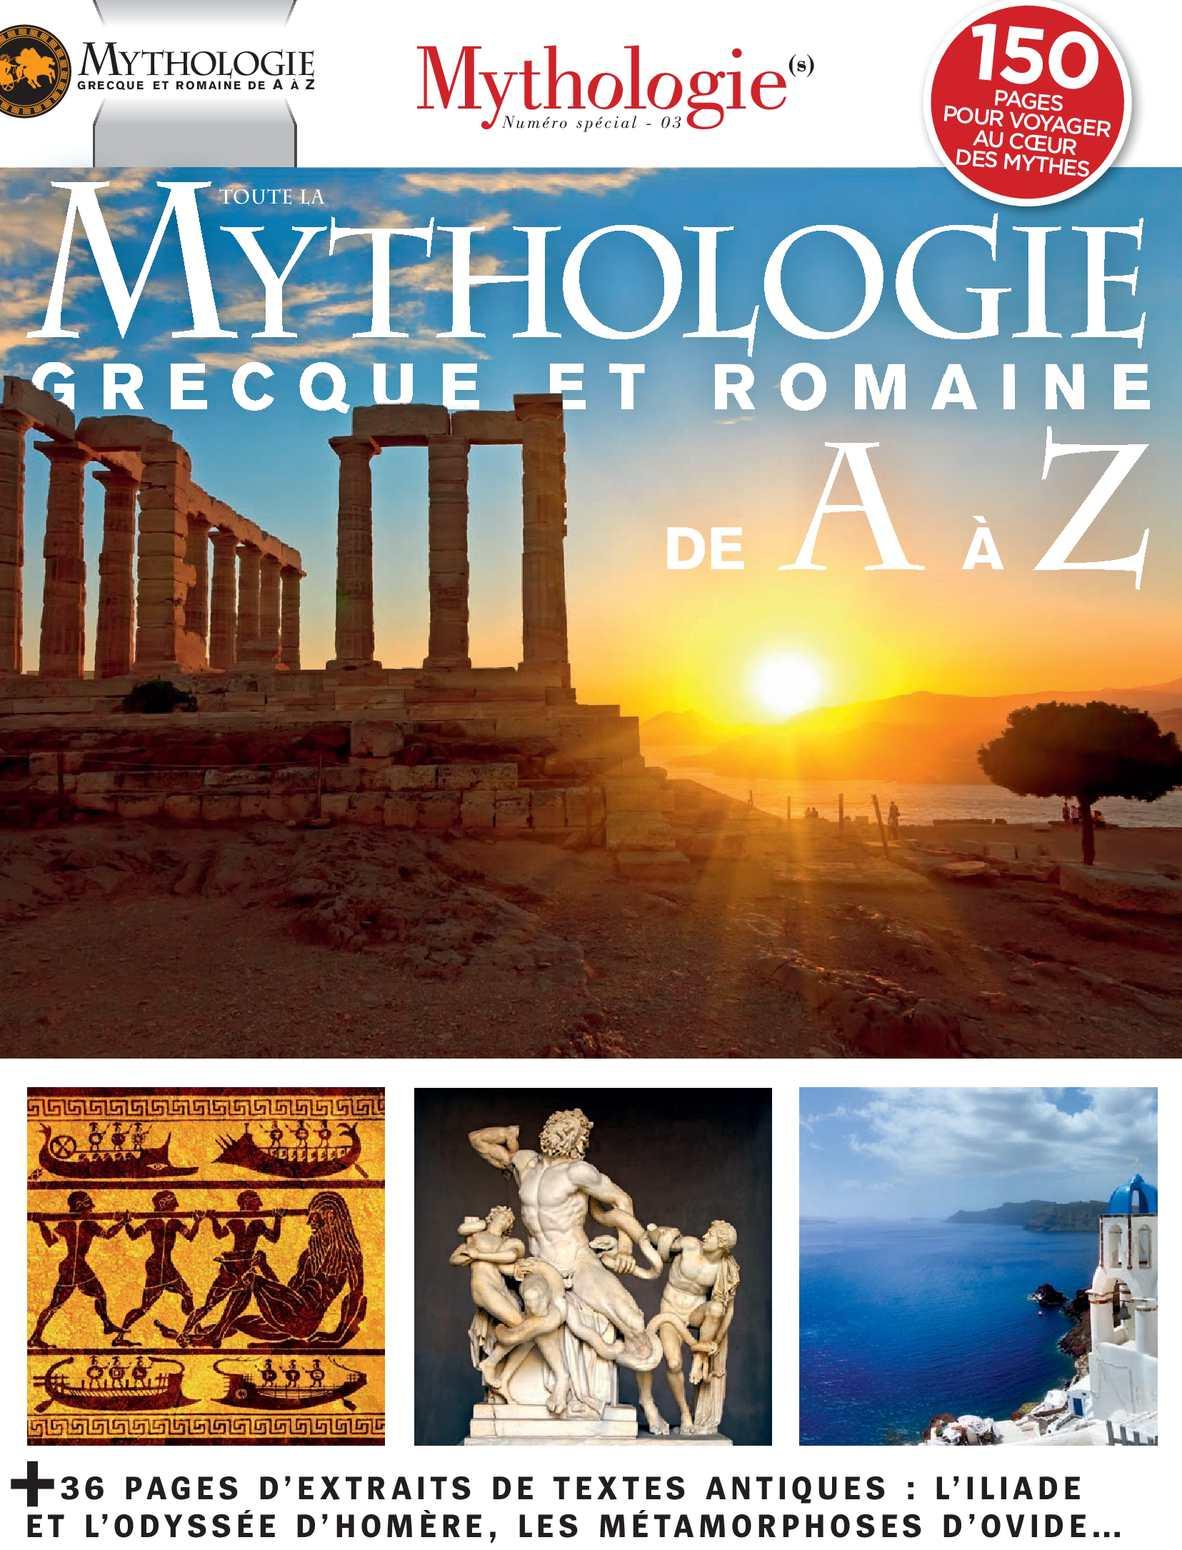 Toute la Mythologie Grecque et Romaines de A à Z